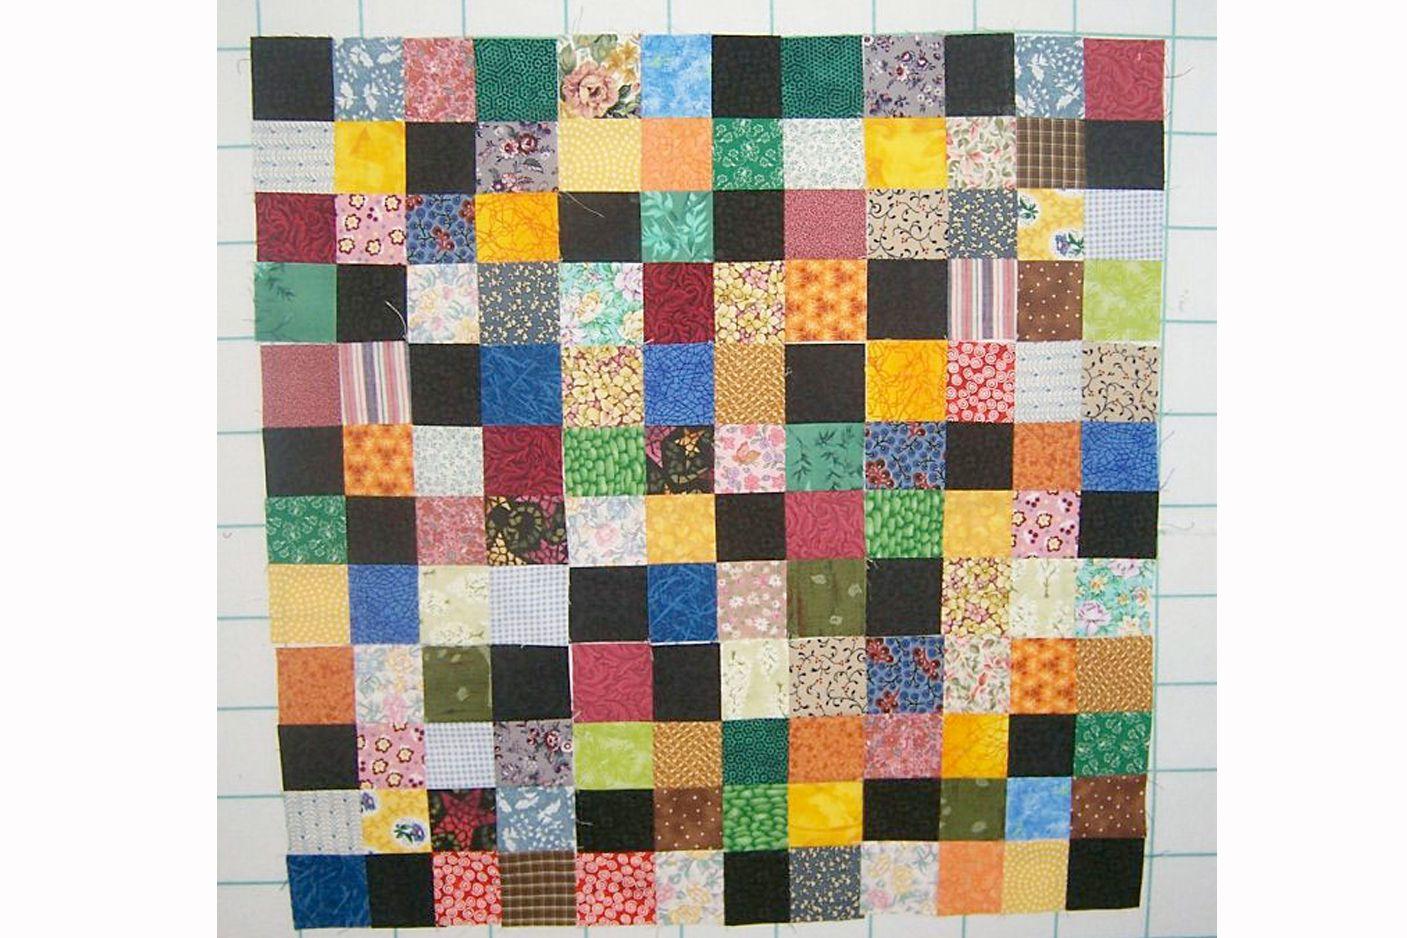 16 Patch Scrap Quilt Block Pattern